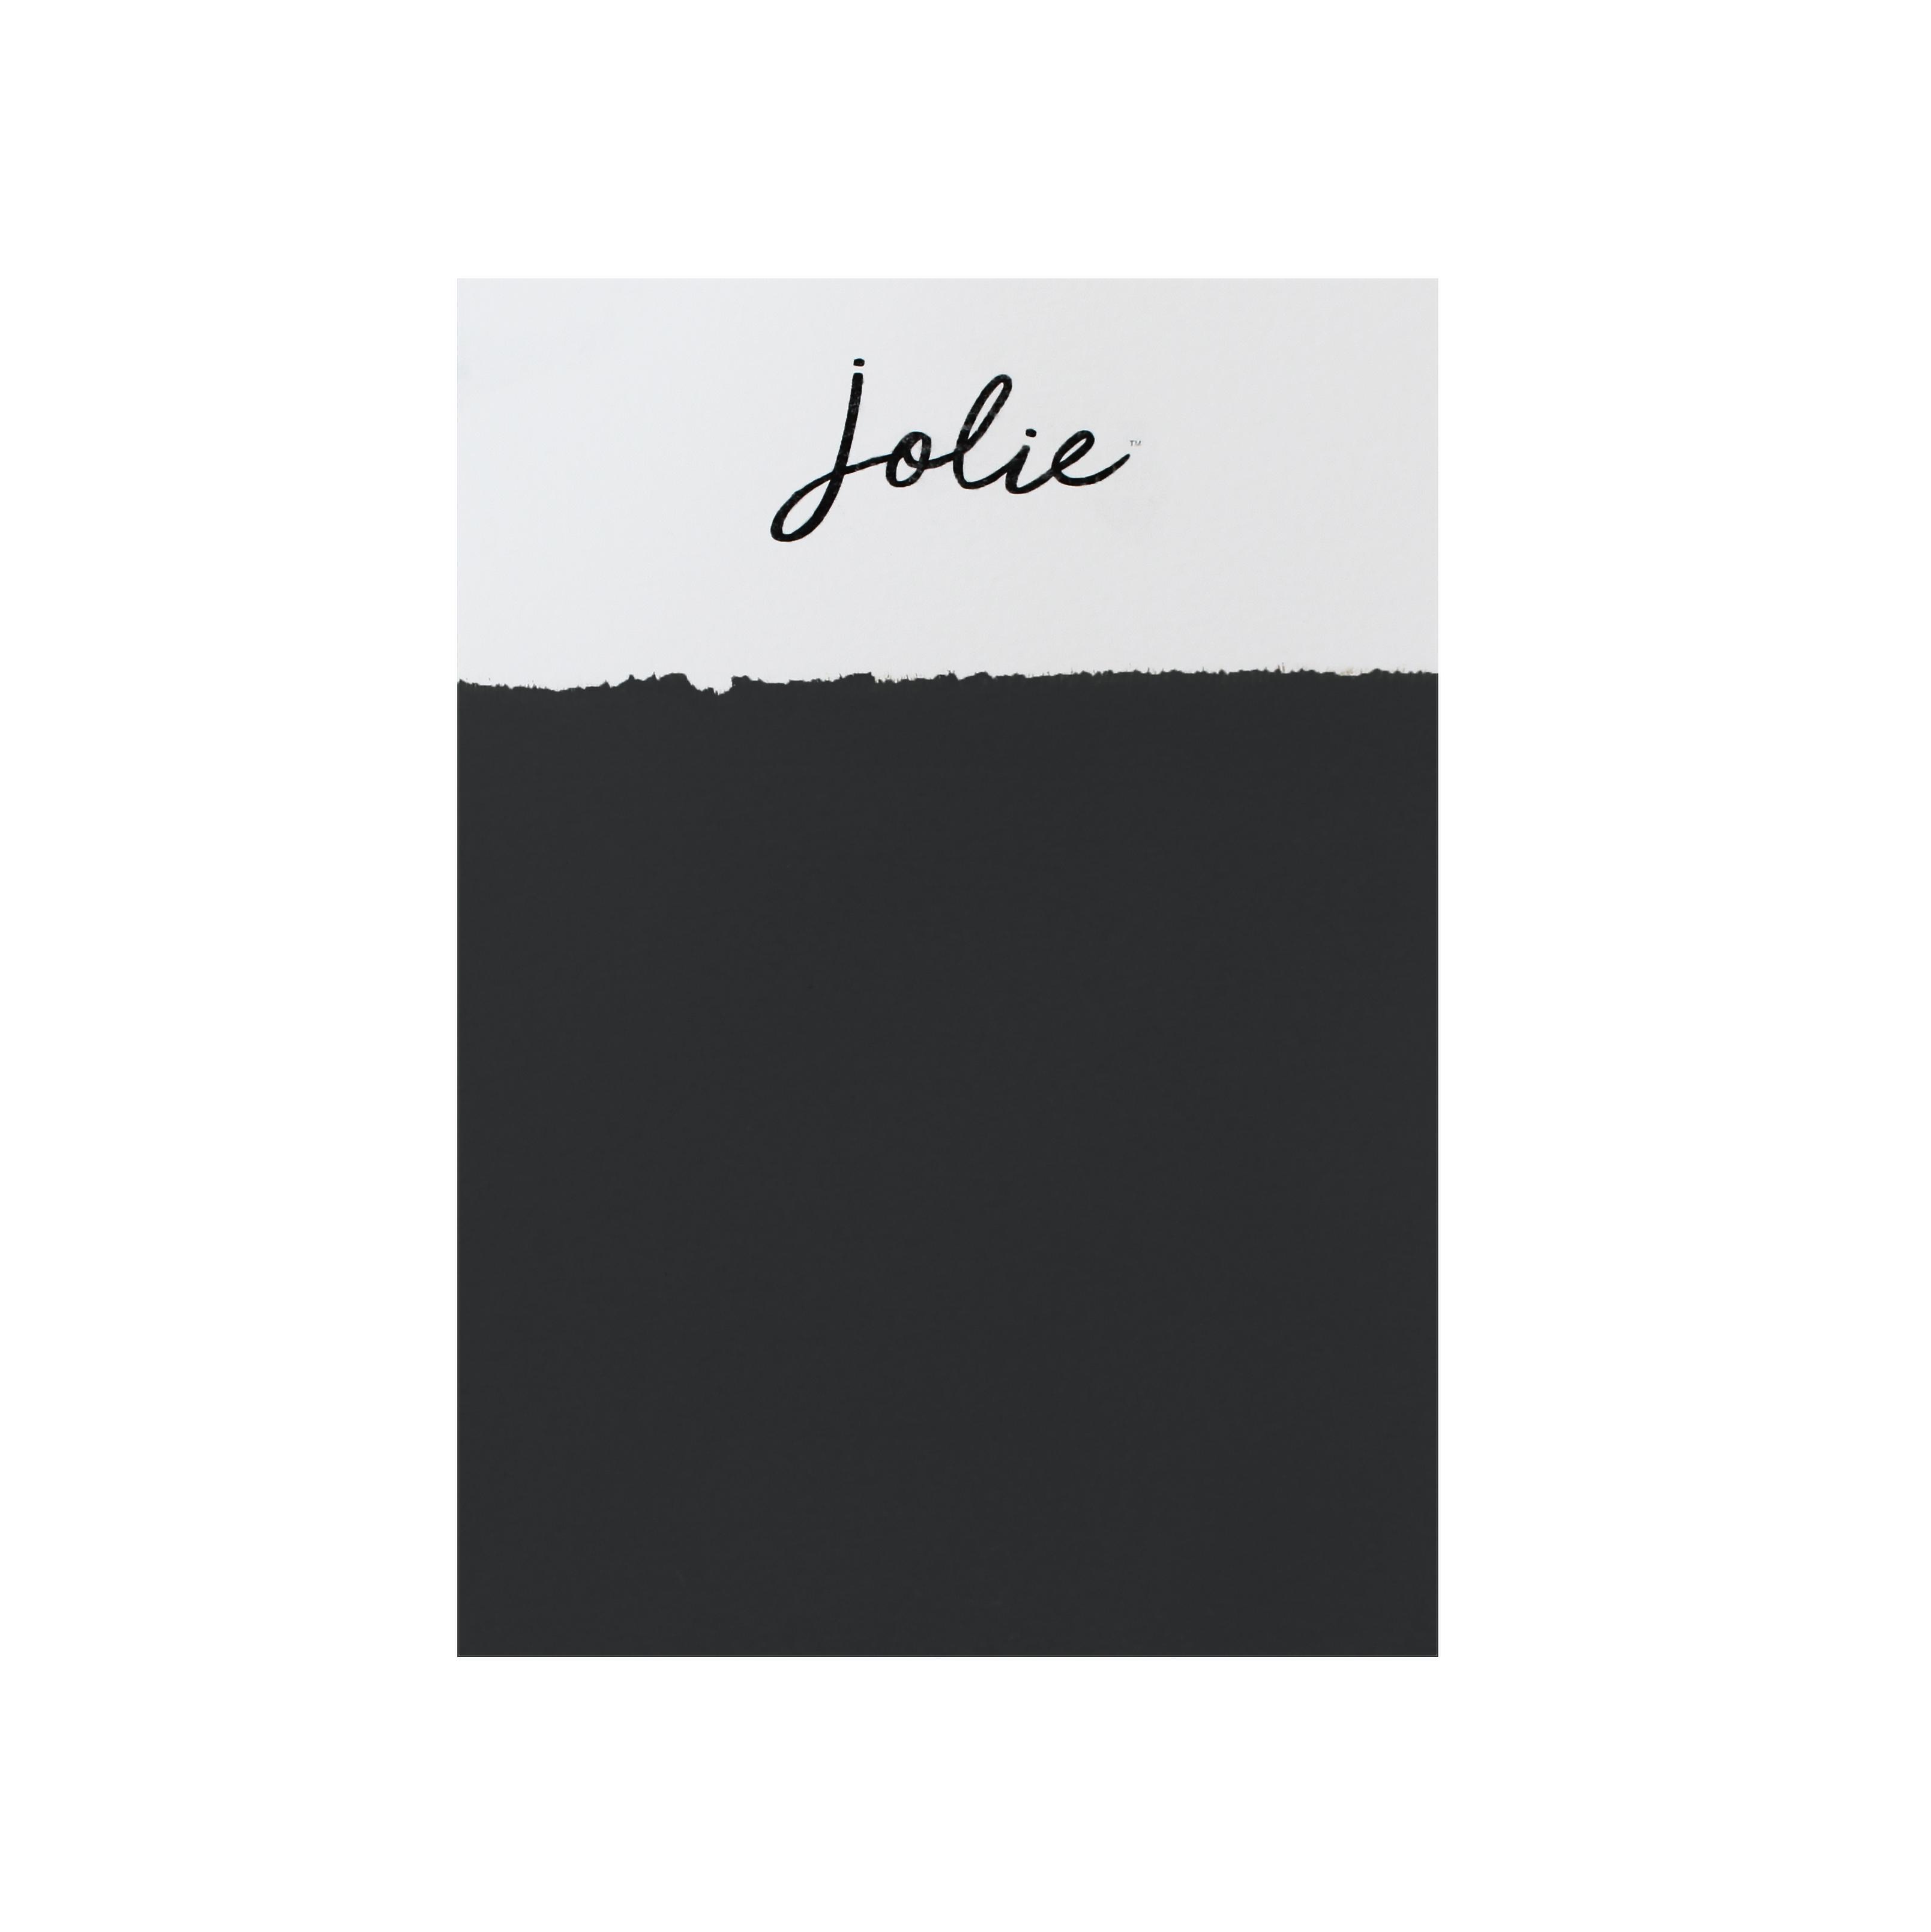 Graphite - Jolie Paint (s)